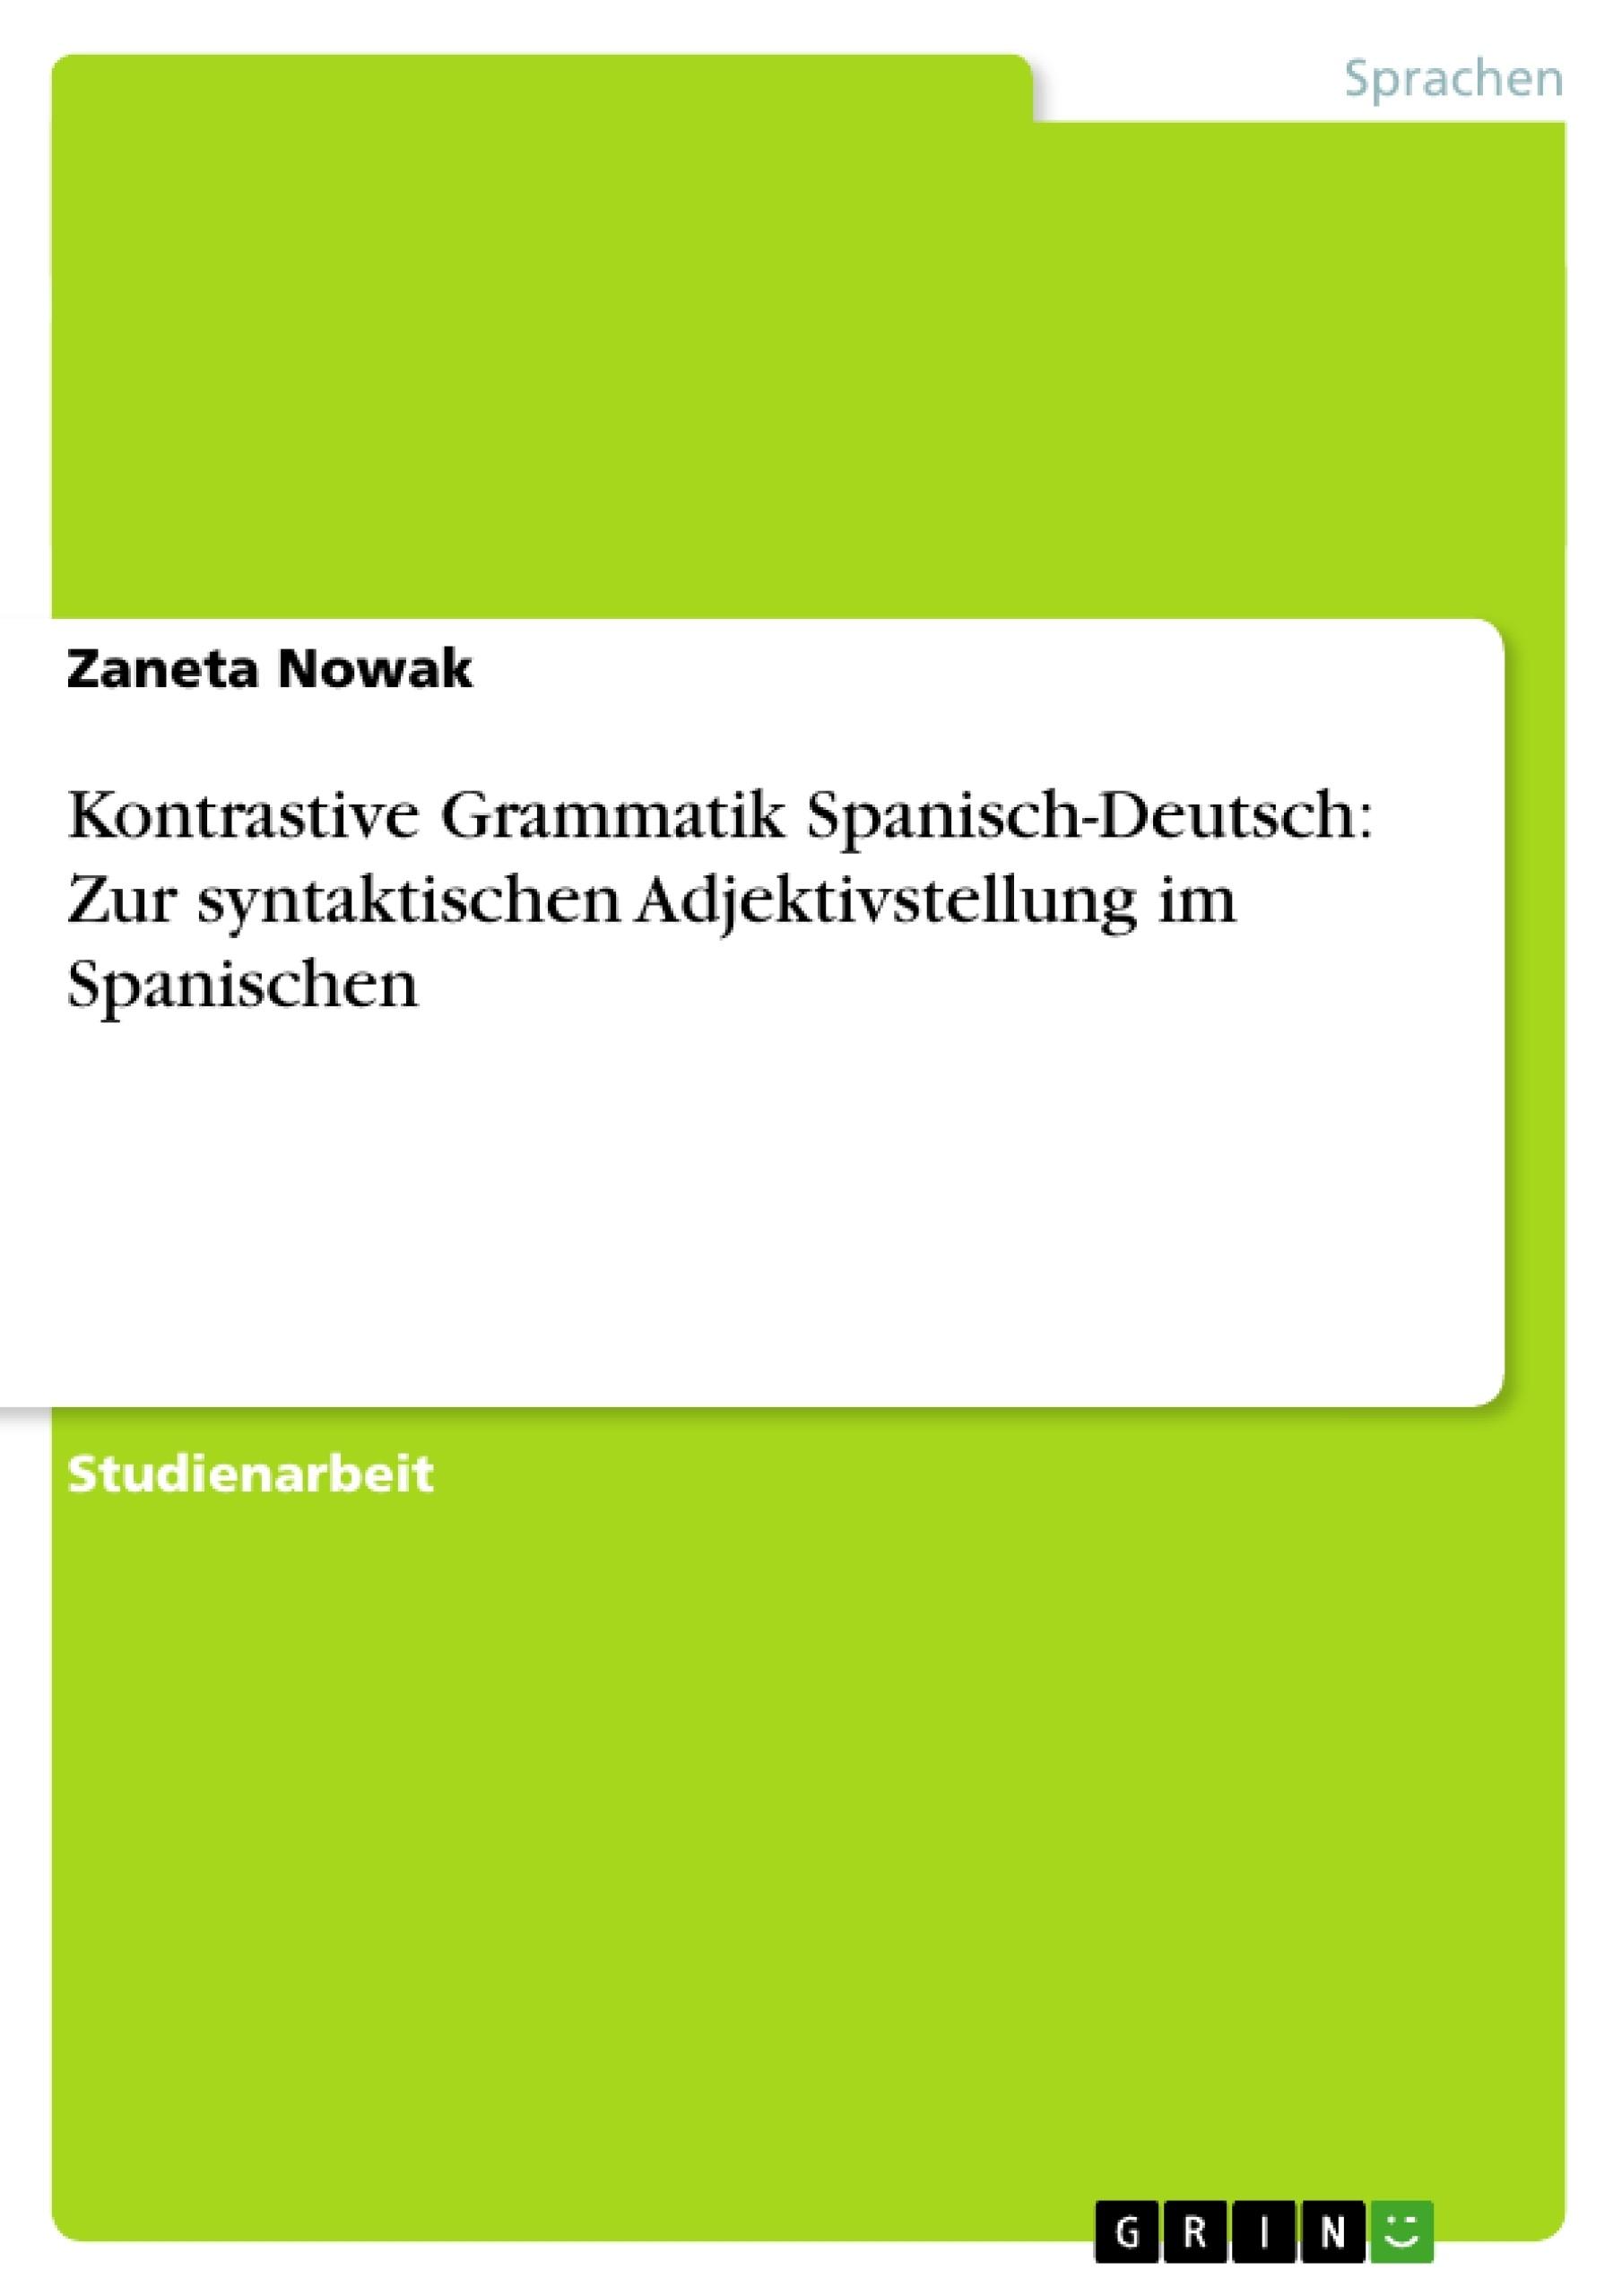 Titel: Kontrastive Grammatik Spanisch-Deutsch: Zur syntaktischen Adjektivstellung im Spanischen